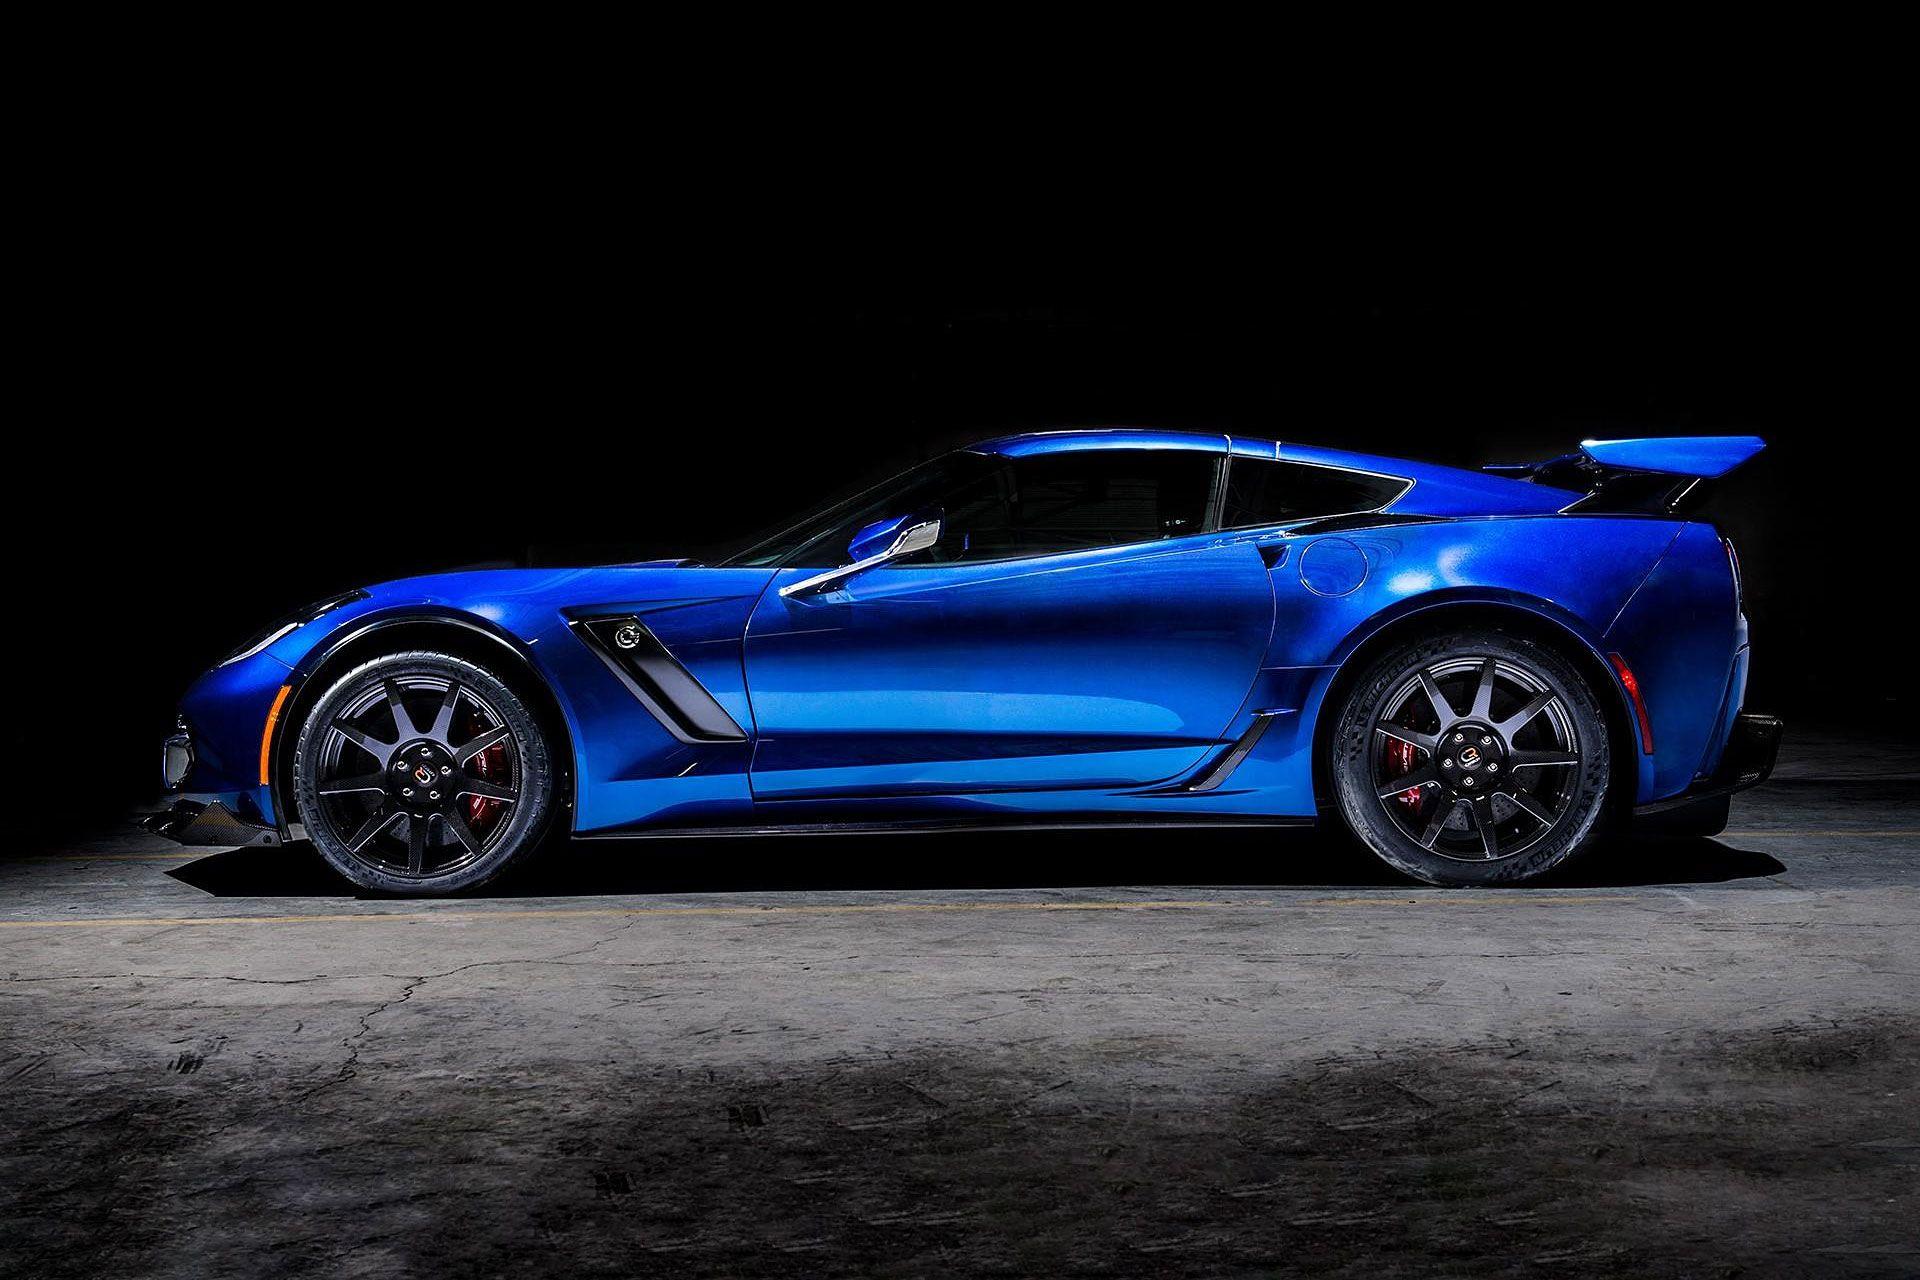 Genovation Gxe Electric Supercar Corvette Super Cars Corvette Zr1